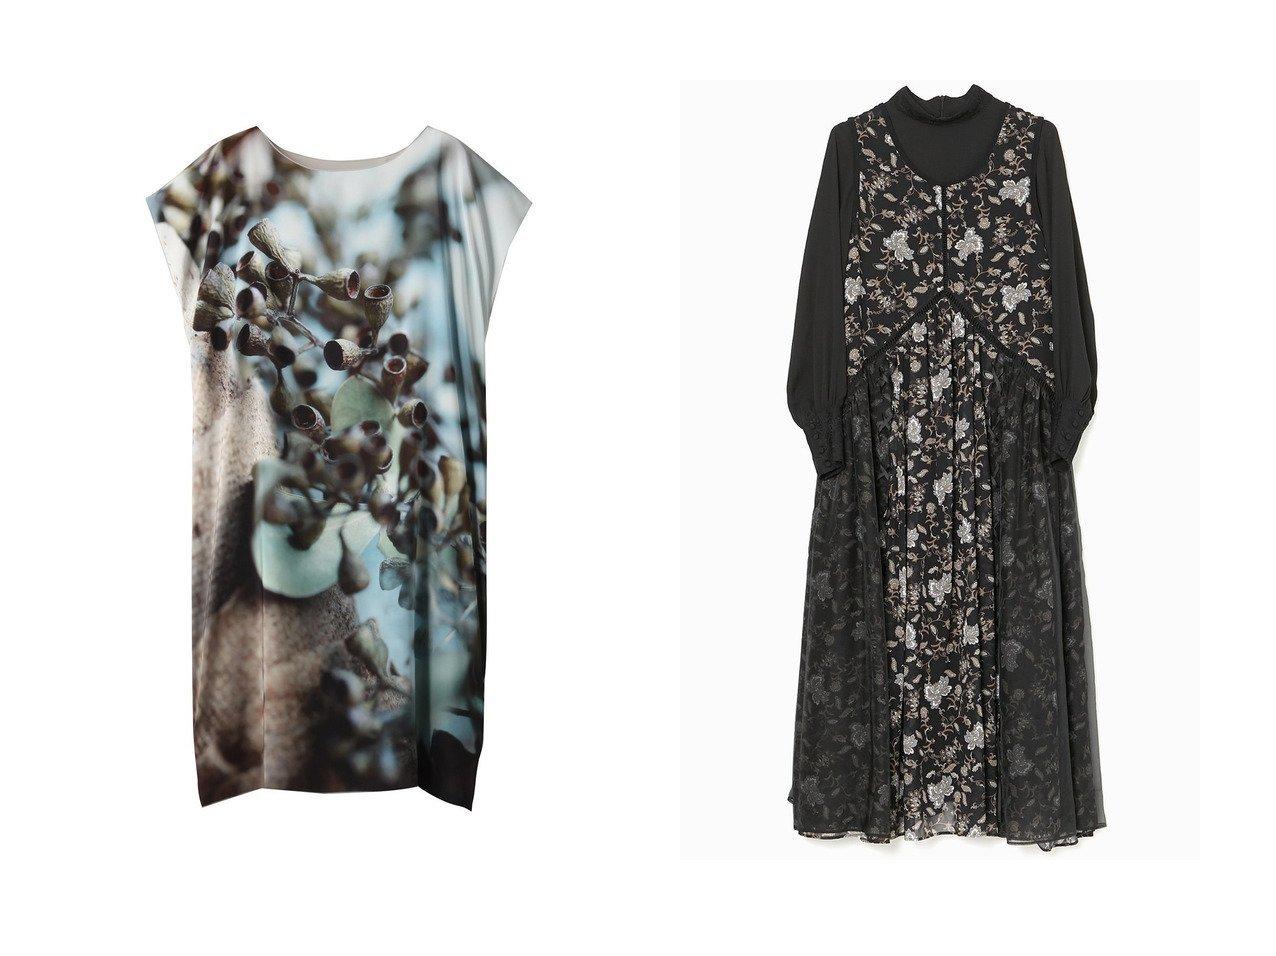 【PLAIN PEOPLE/プレインピープル】の写真プリントドレス&【AULA/アウラ】の【AULA AILA×yukko】フラワーペーズリーセットドレス ワンピース・ドレスのおすすめ!人気、トレンド・レディースファッションの通販 おすすめで人気の流行・トレンド、ファッションの通販商品 メンズファッション・キッズファッション・インテリア・家具・レディースファッション・服の通販 founy(ファニー) https://founy.com/ ファッション Fashion レディースファッション WOMEN ワンピース Dress ドレス Party Dresses ドレス フロント プリント 無地 インナー カフス シアー シンプル デニム レース ロング 人気 |ID:crp329100000009361